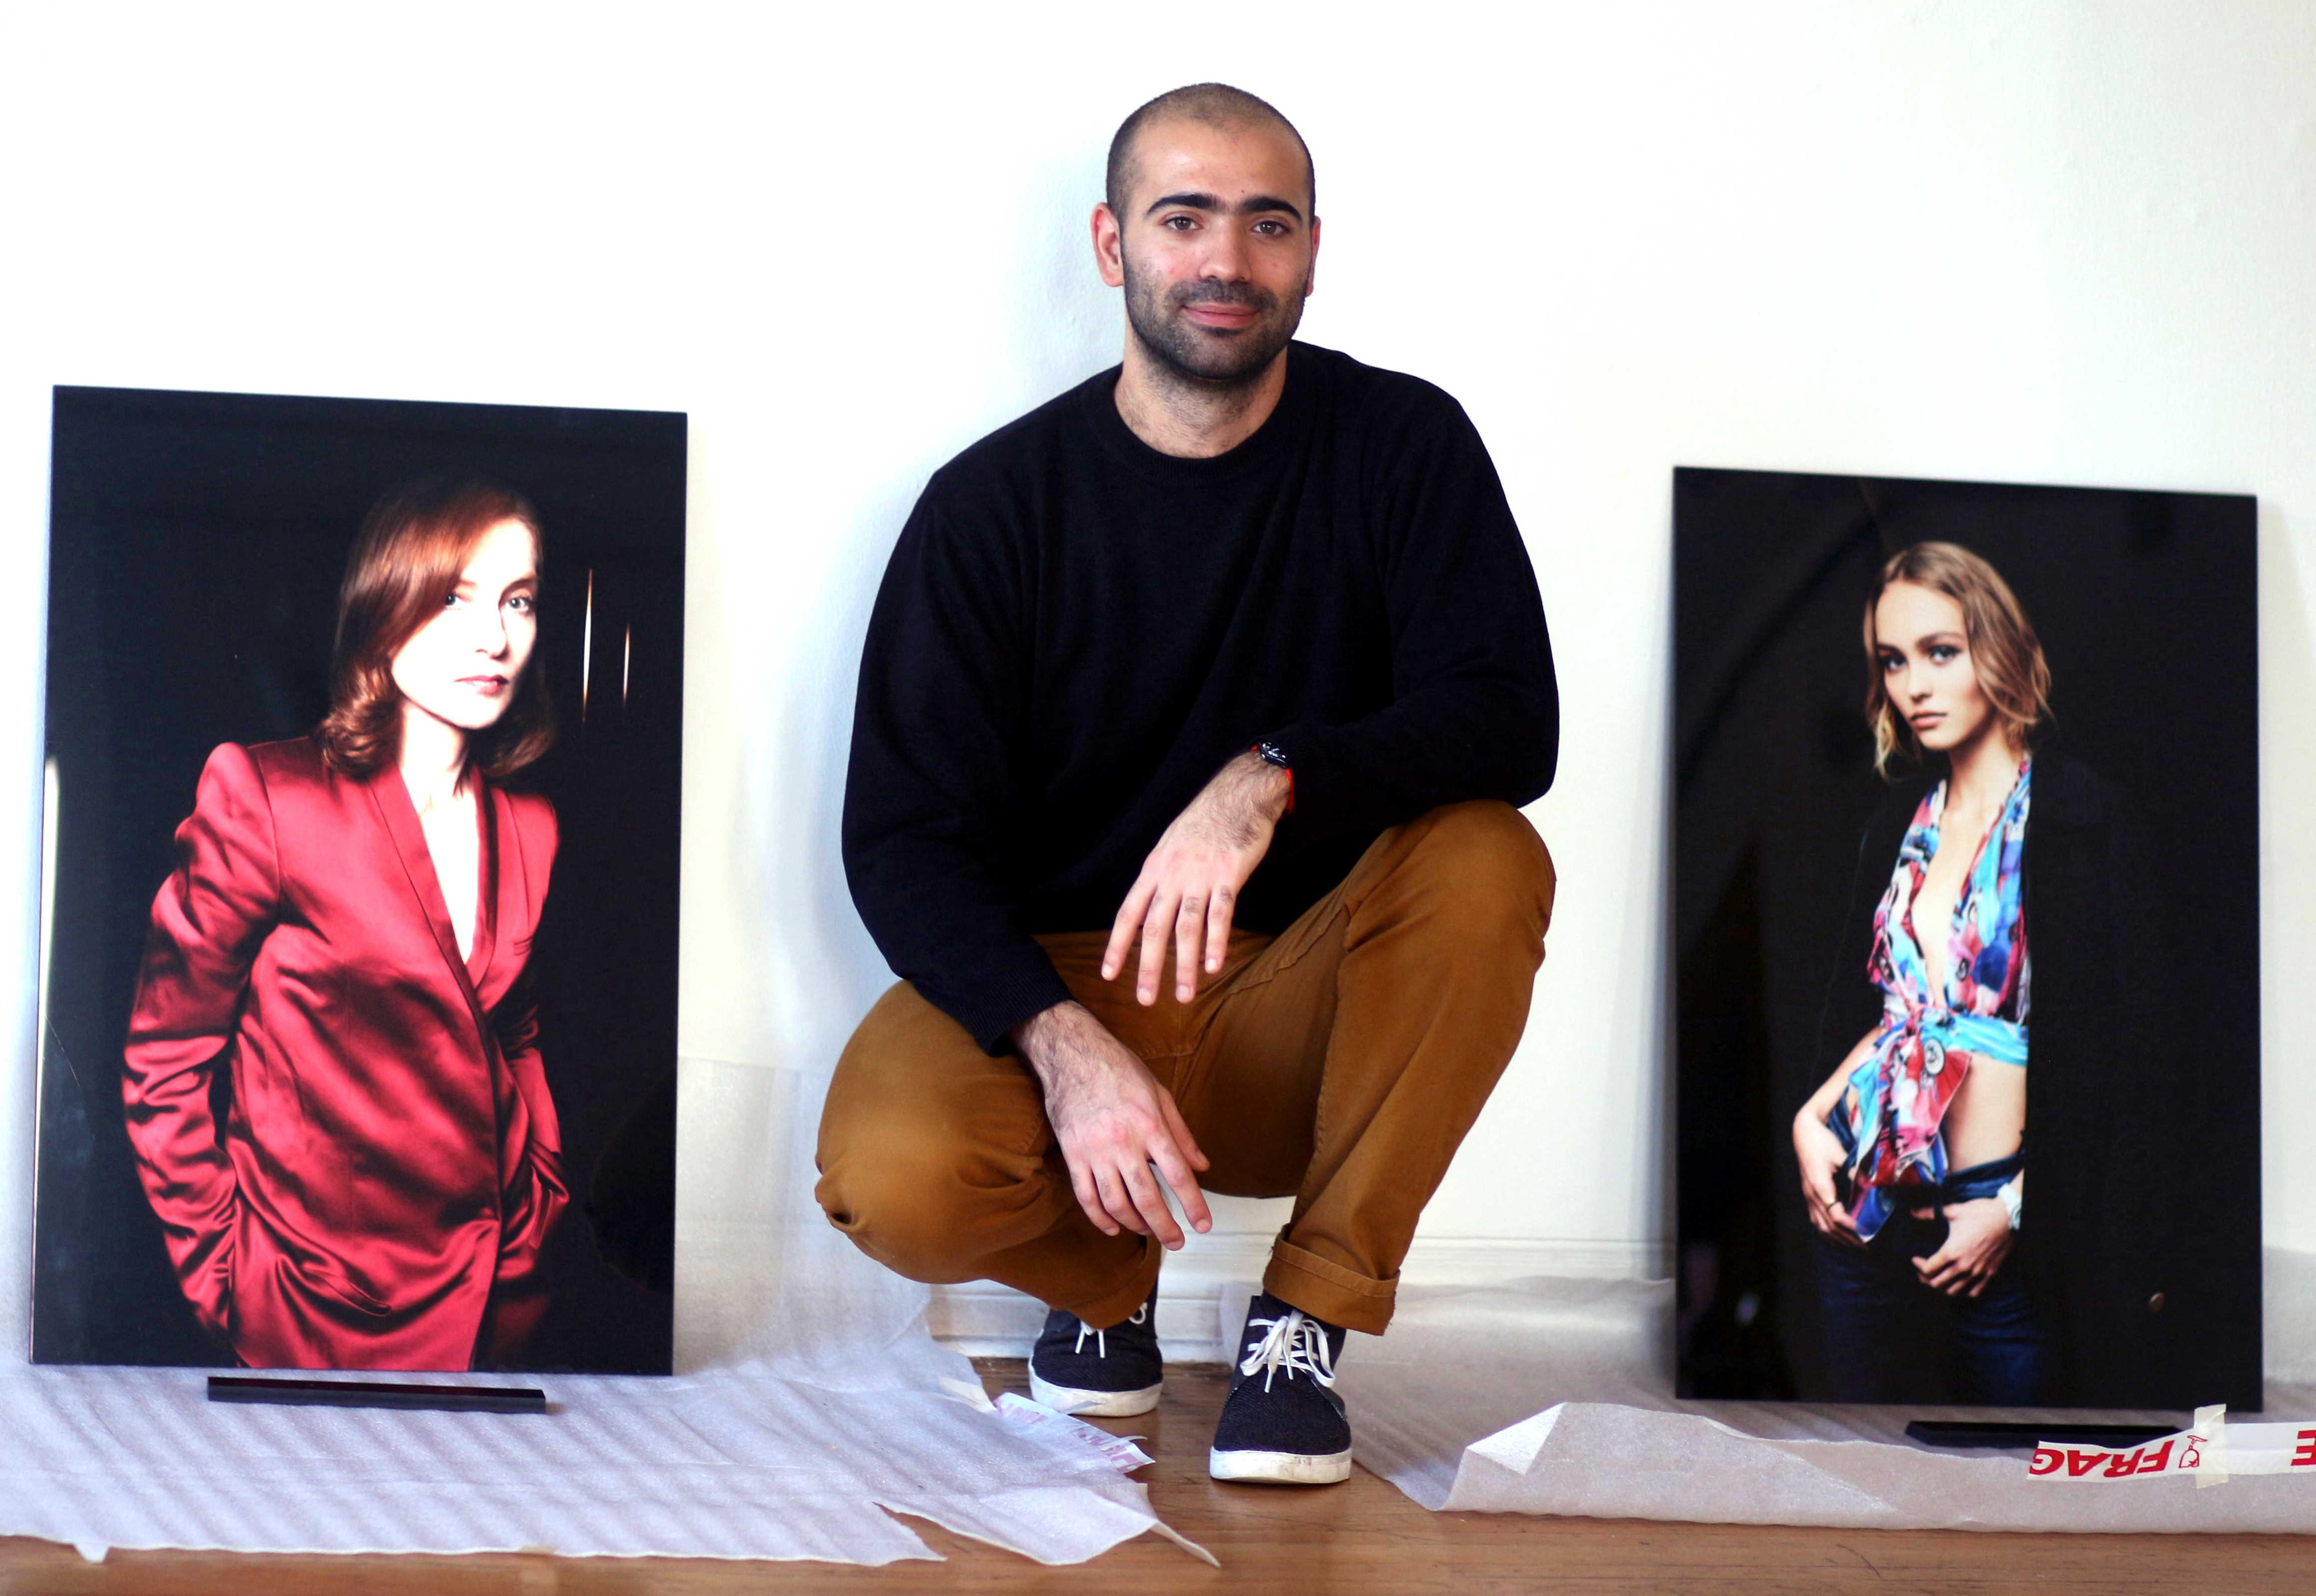 Jean-Baptiste Lemercier et ses photos de Isabelle Huppert et Lily-Rose Depp.